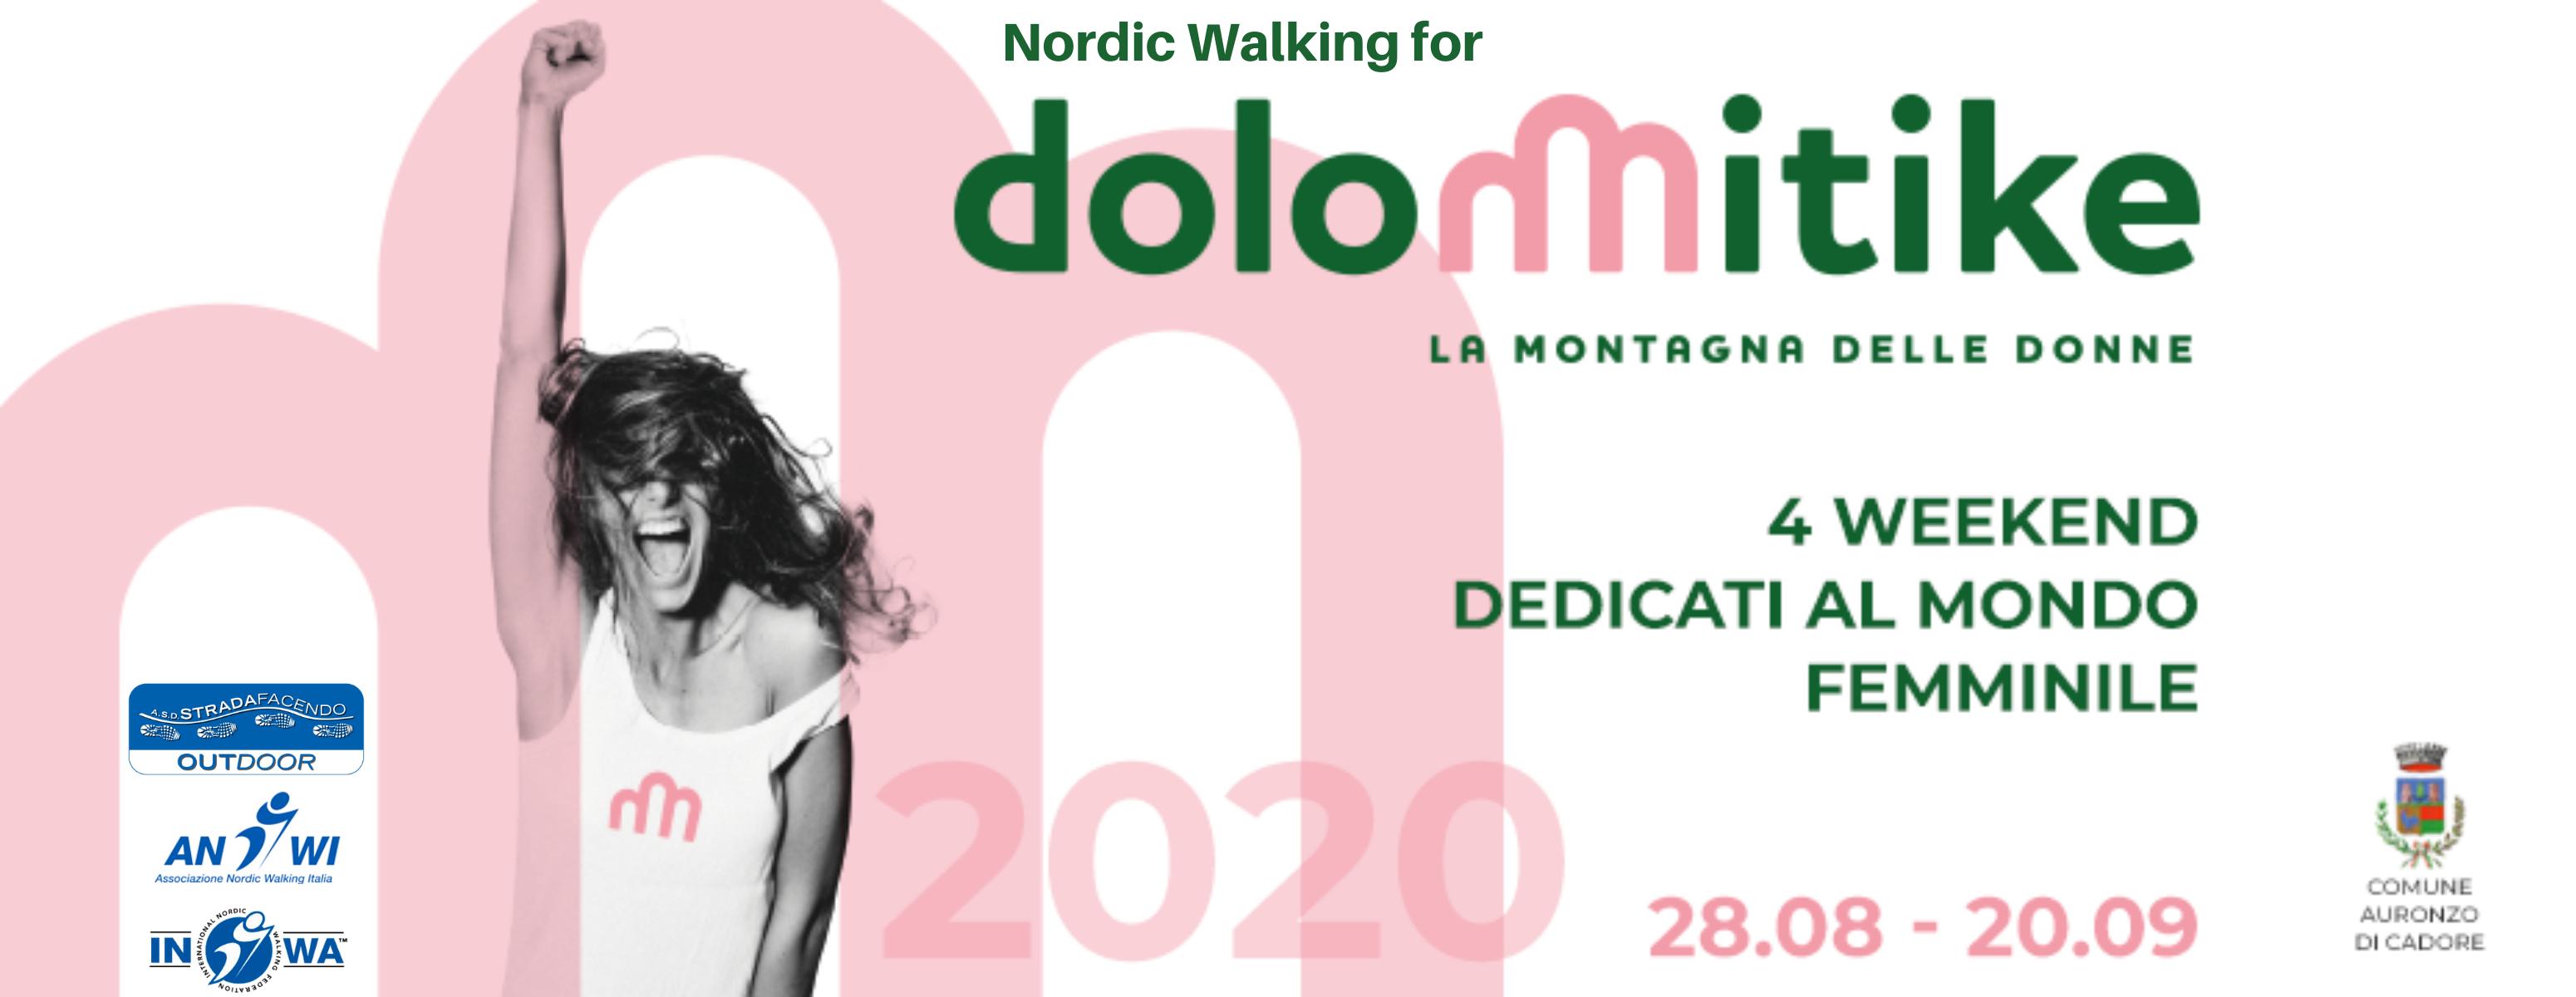 nordic walking dolomitike 2020